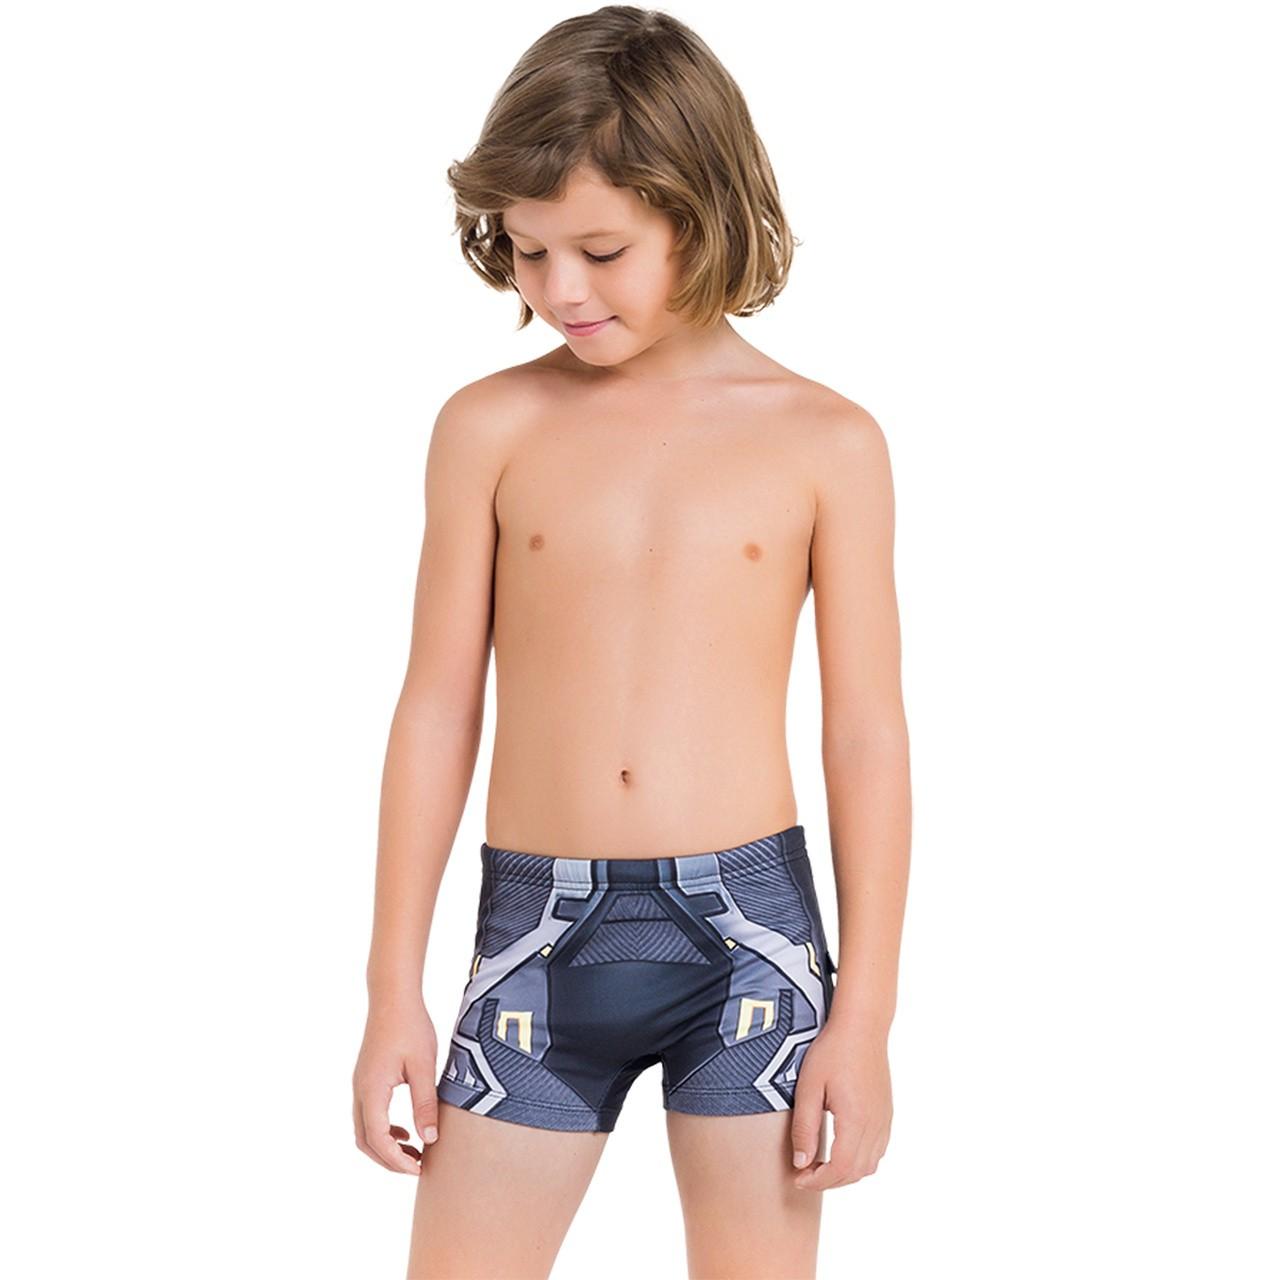 Cueca de praia infantil batman criança proteção solar